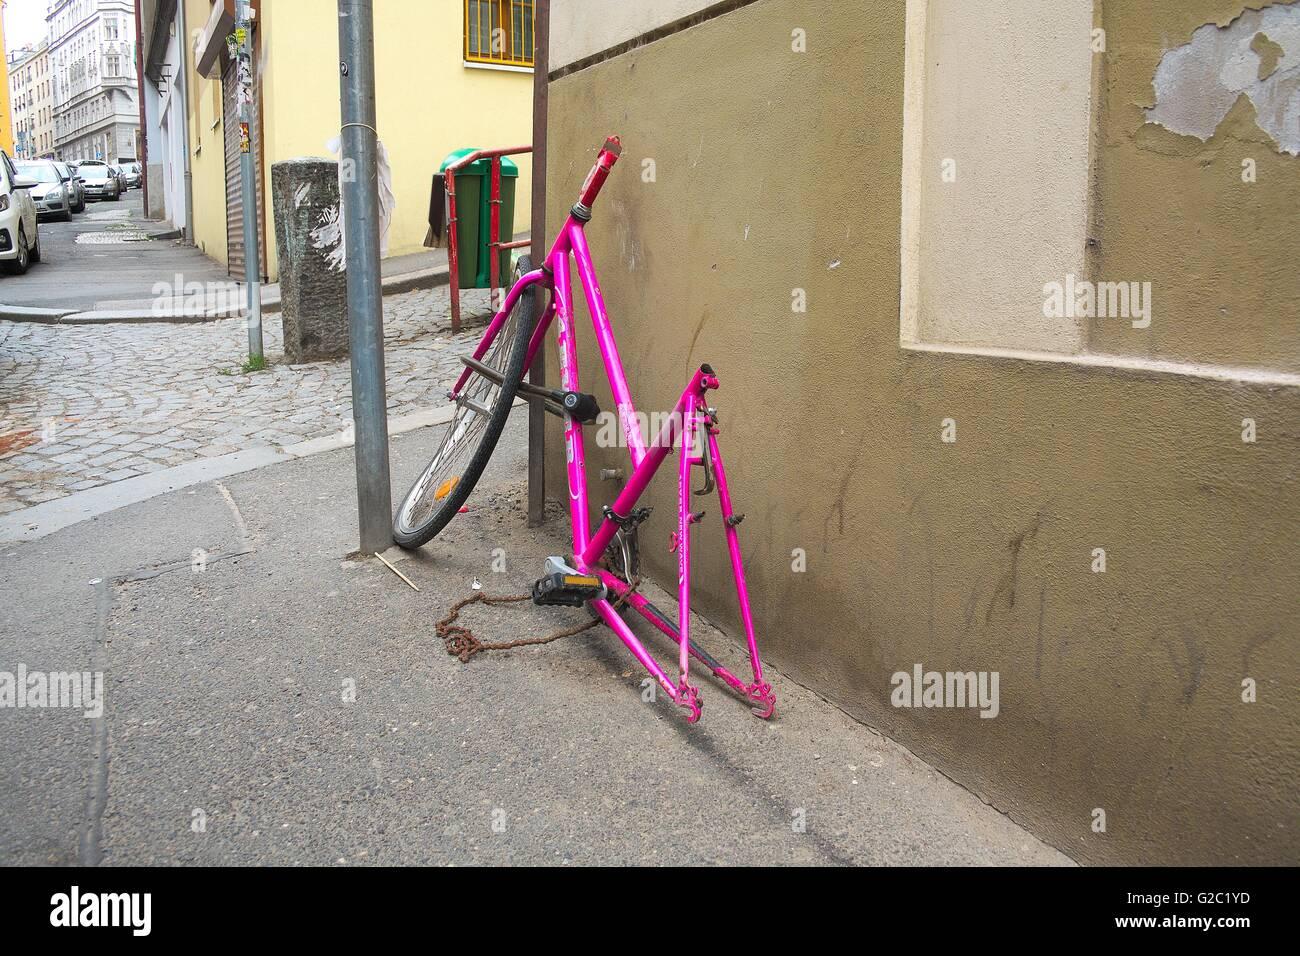 Casse et vol de vélo rose bien-aimé dans la rue. Il ressemble à une petite corruption criminalité Photo Stock